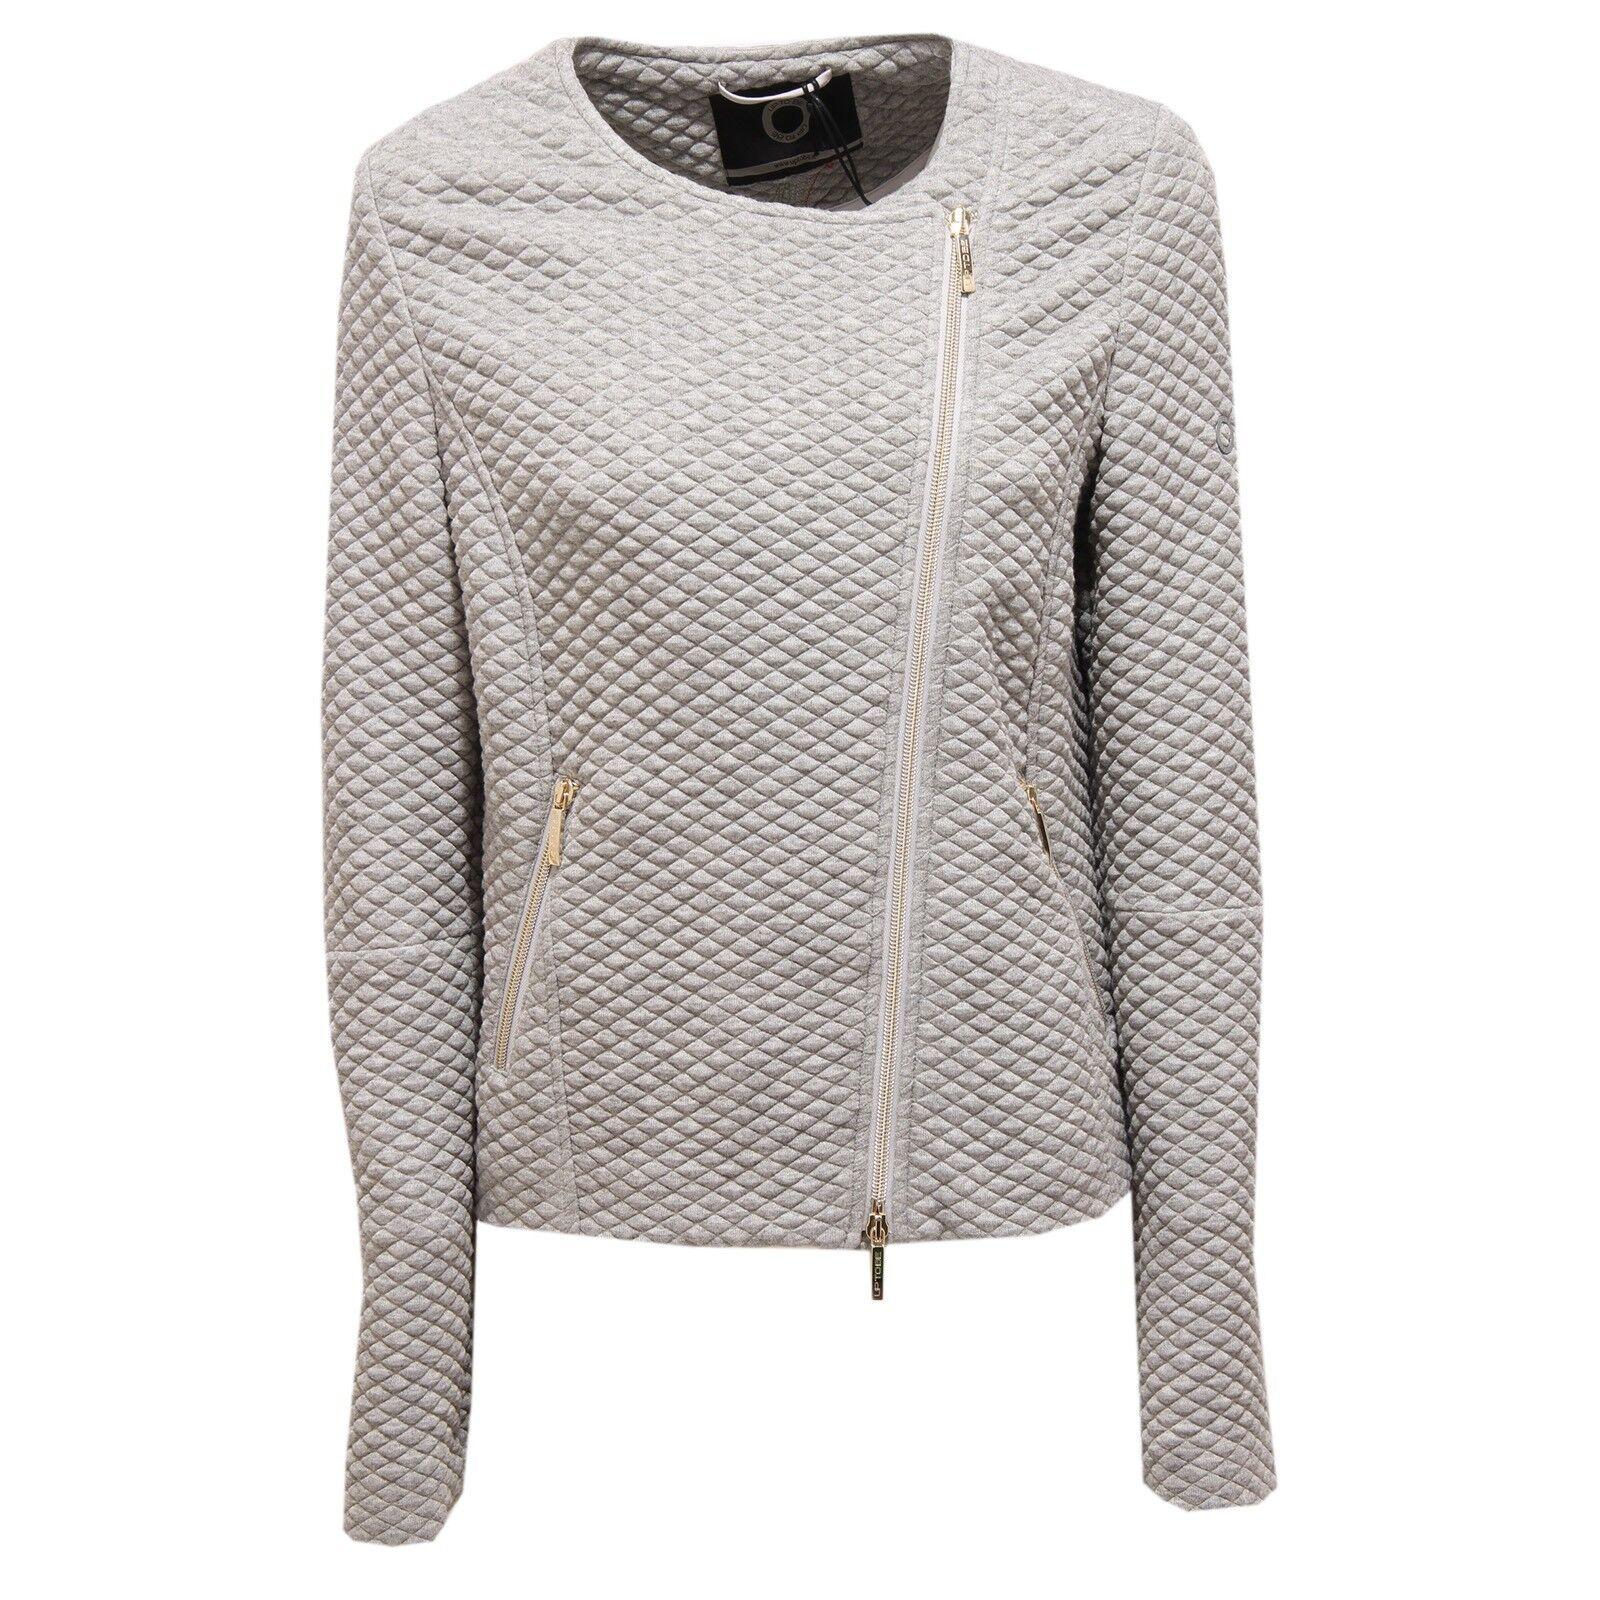 9426U Giacca mujer para  ser SOFIA Full Zip chaqueta gris Mujer  punto de venta